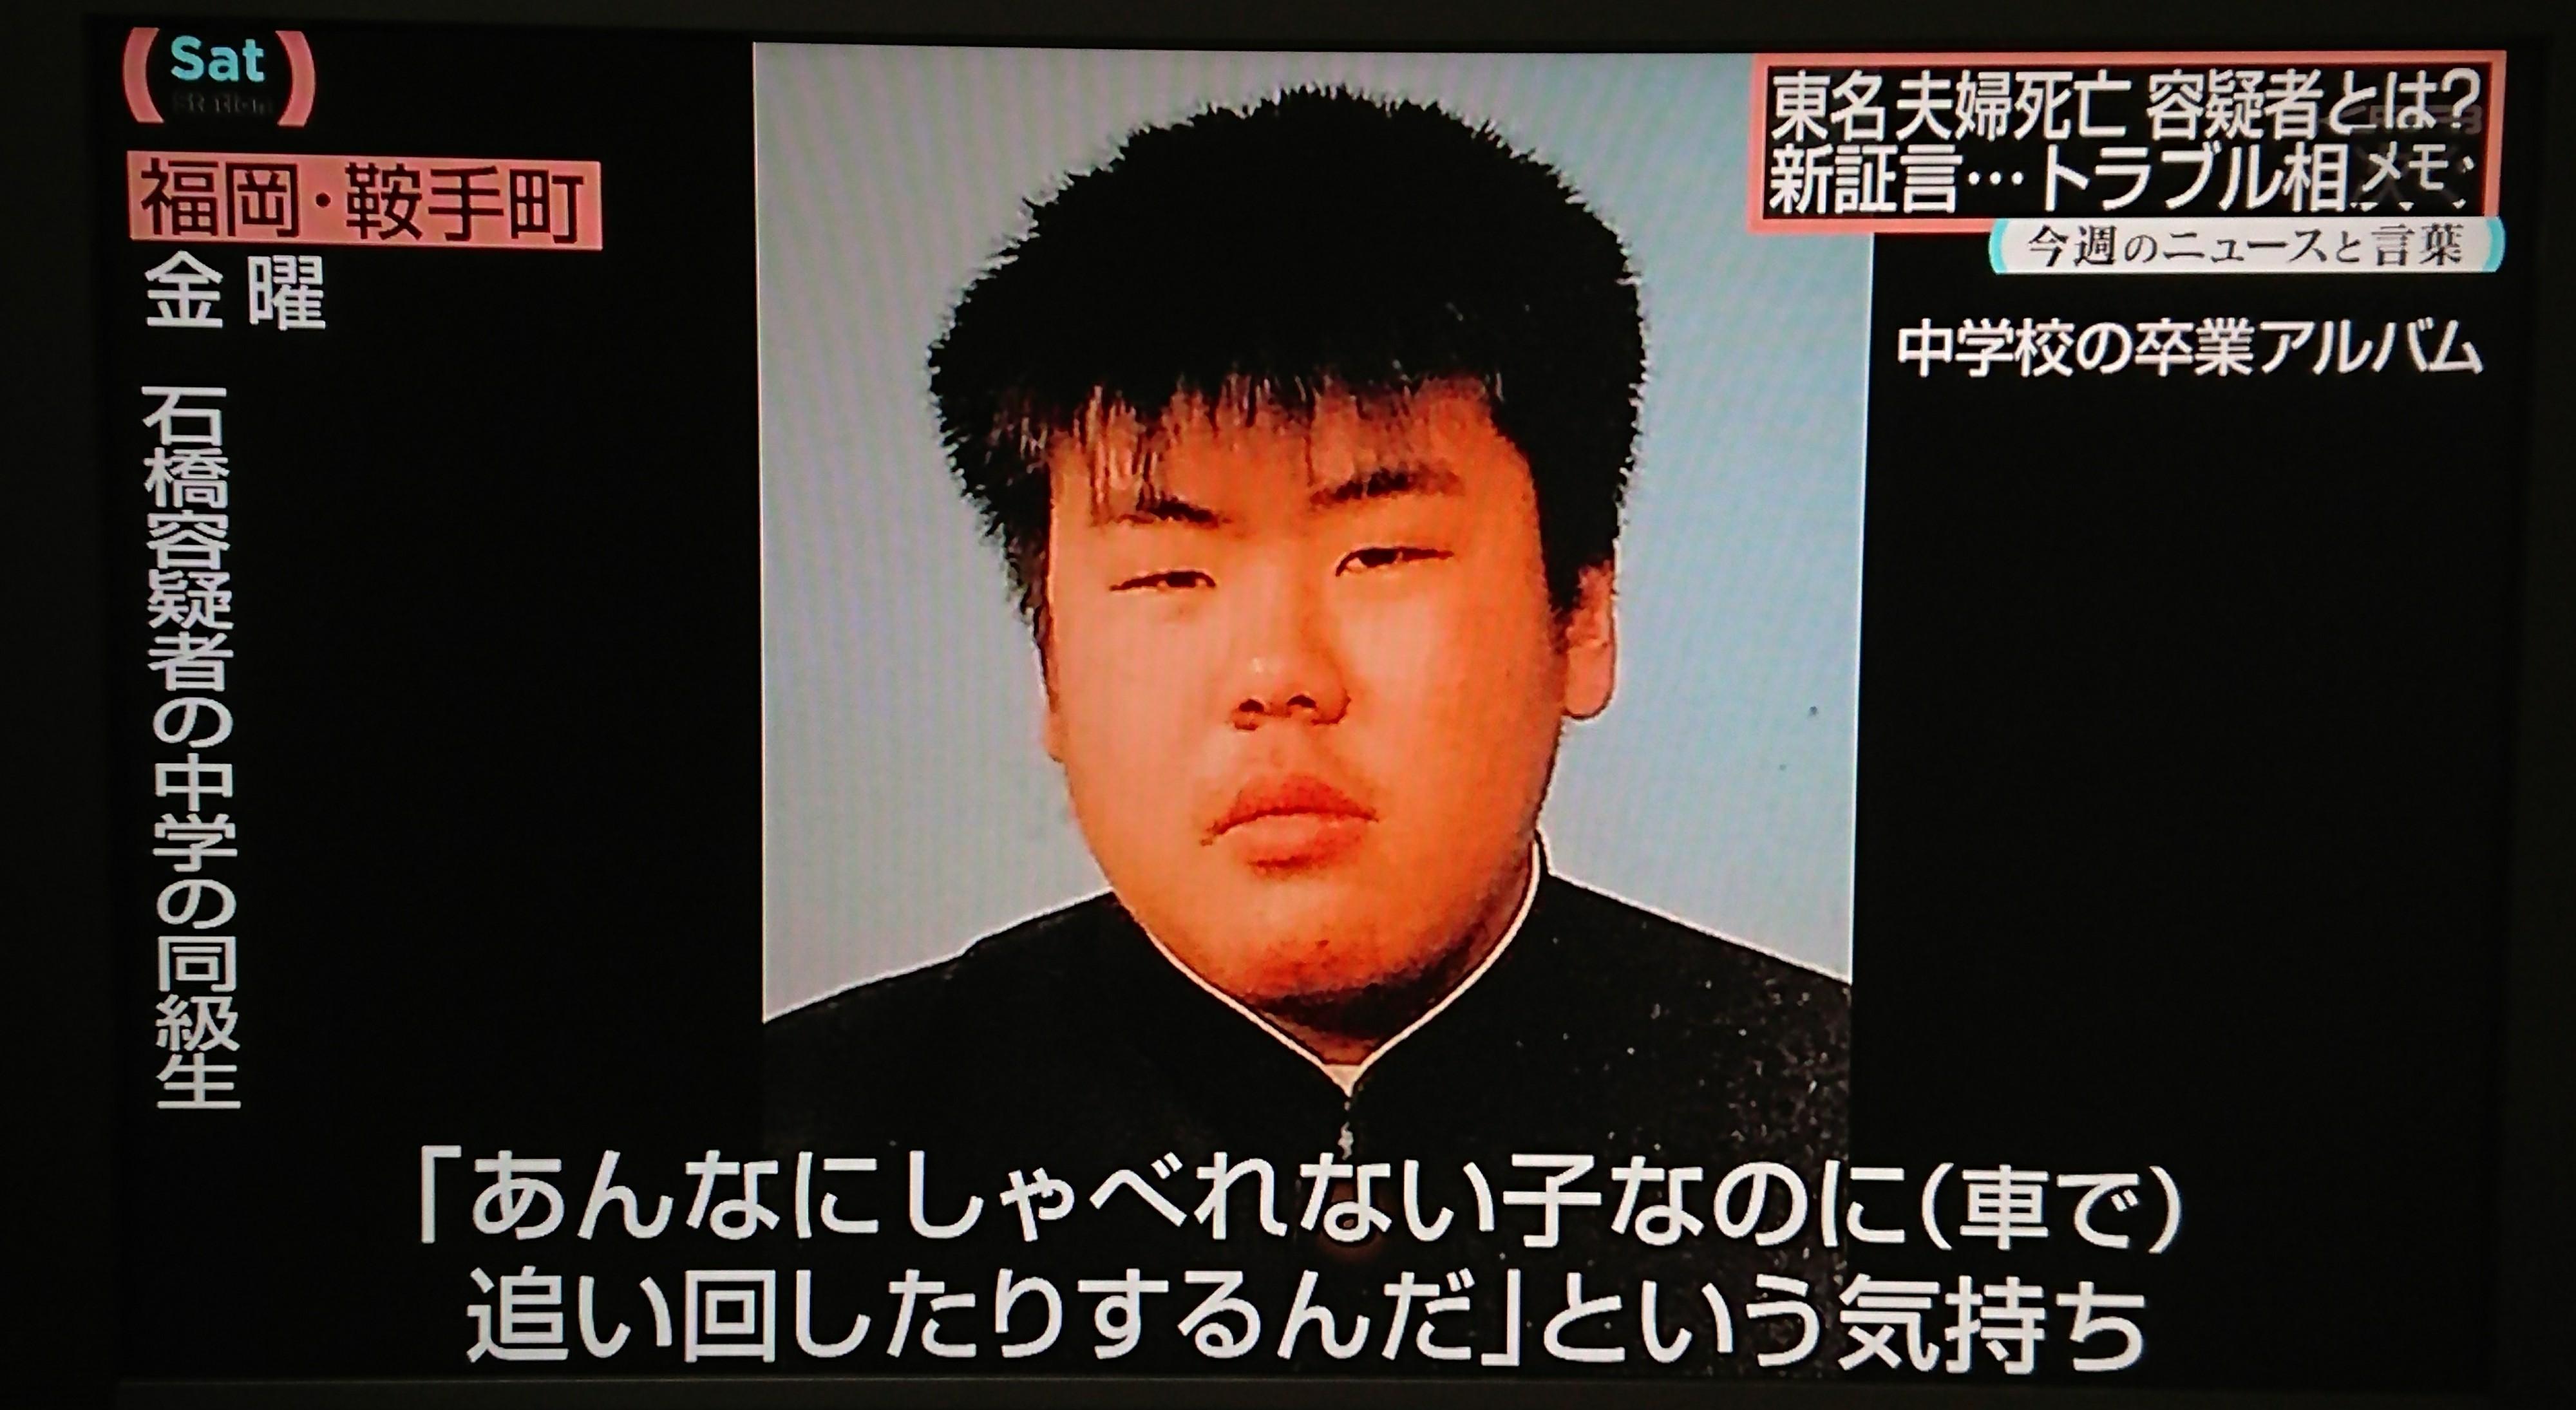 【東名夫婦死亡事故】石橋容疑者の父「息子は大人しい性格で、なぜ事件を起こしたのか全く分からない」